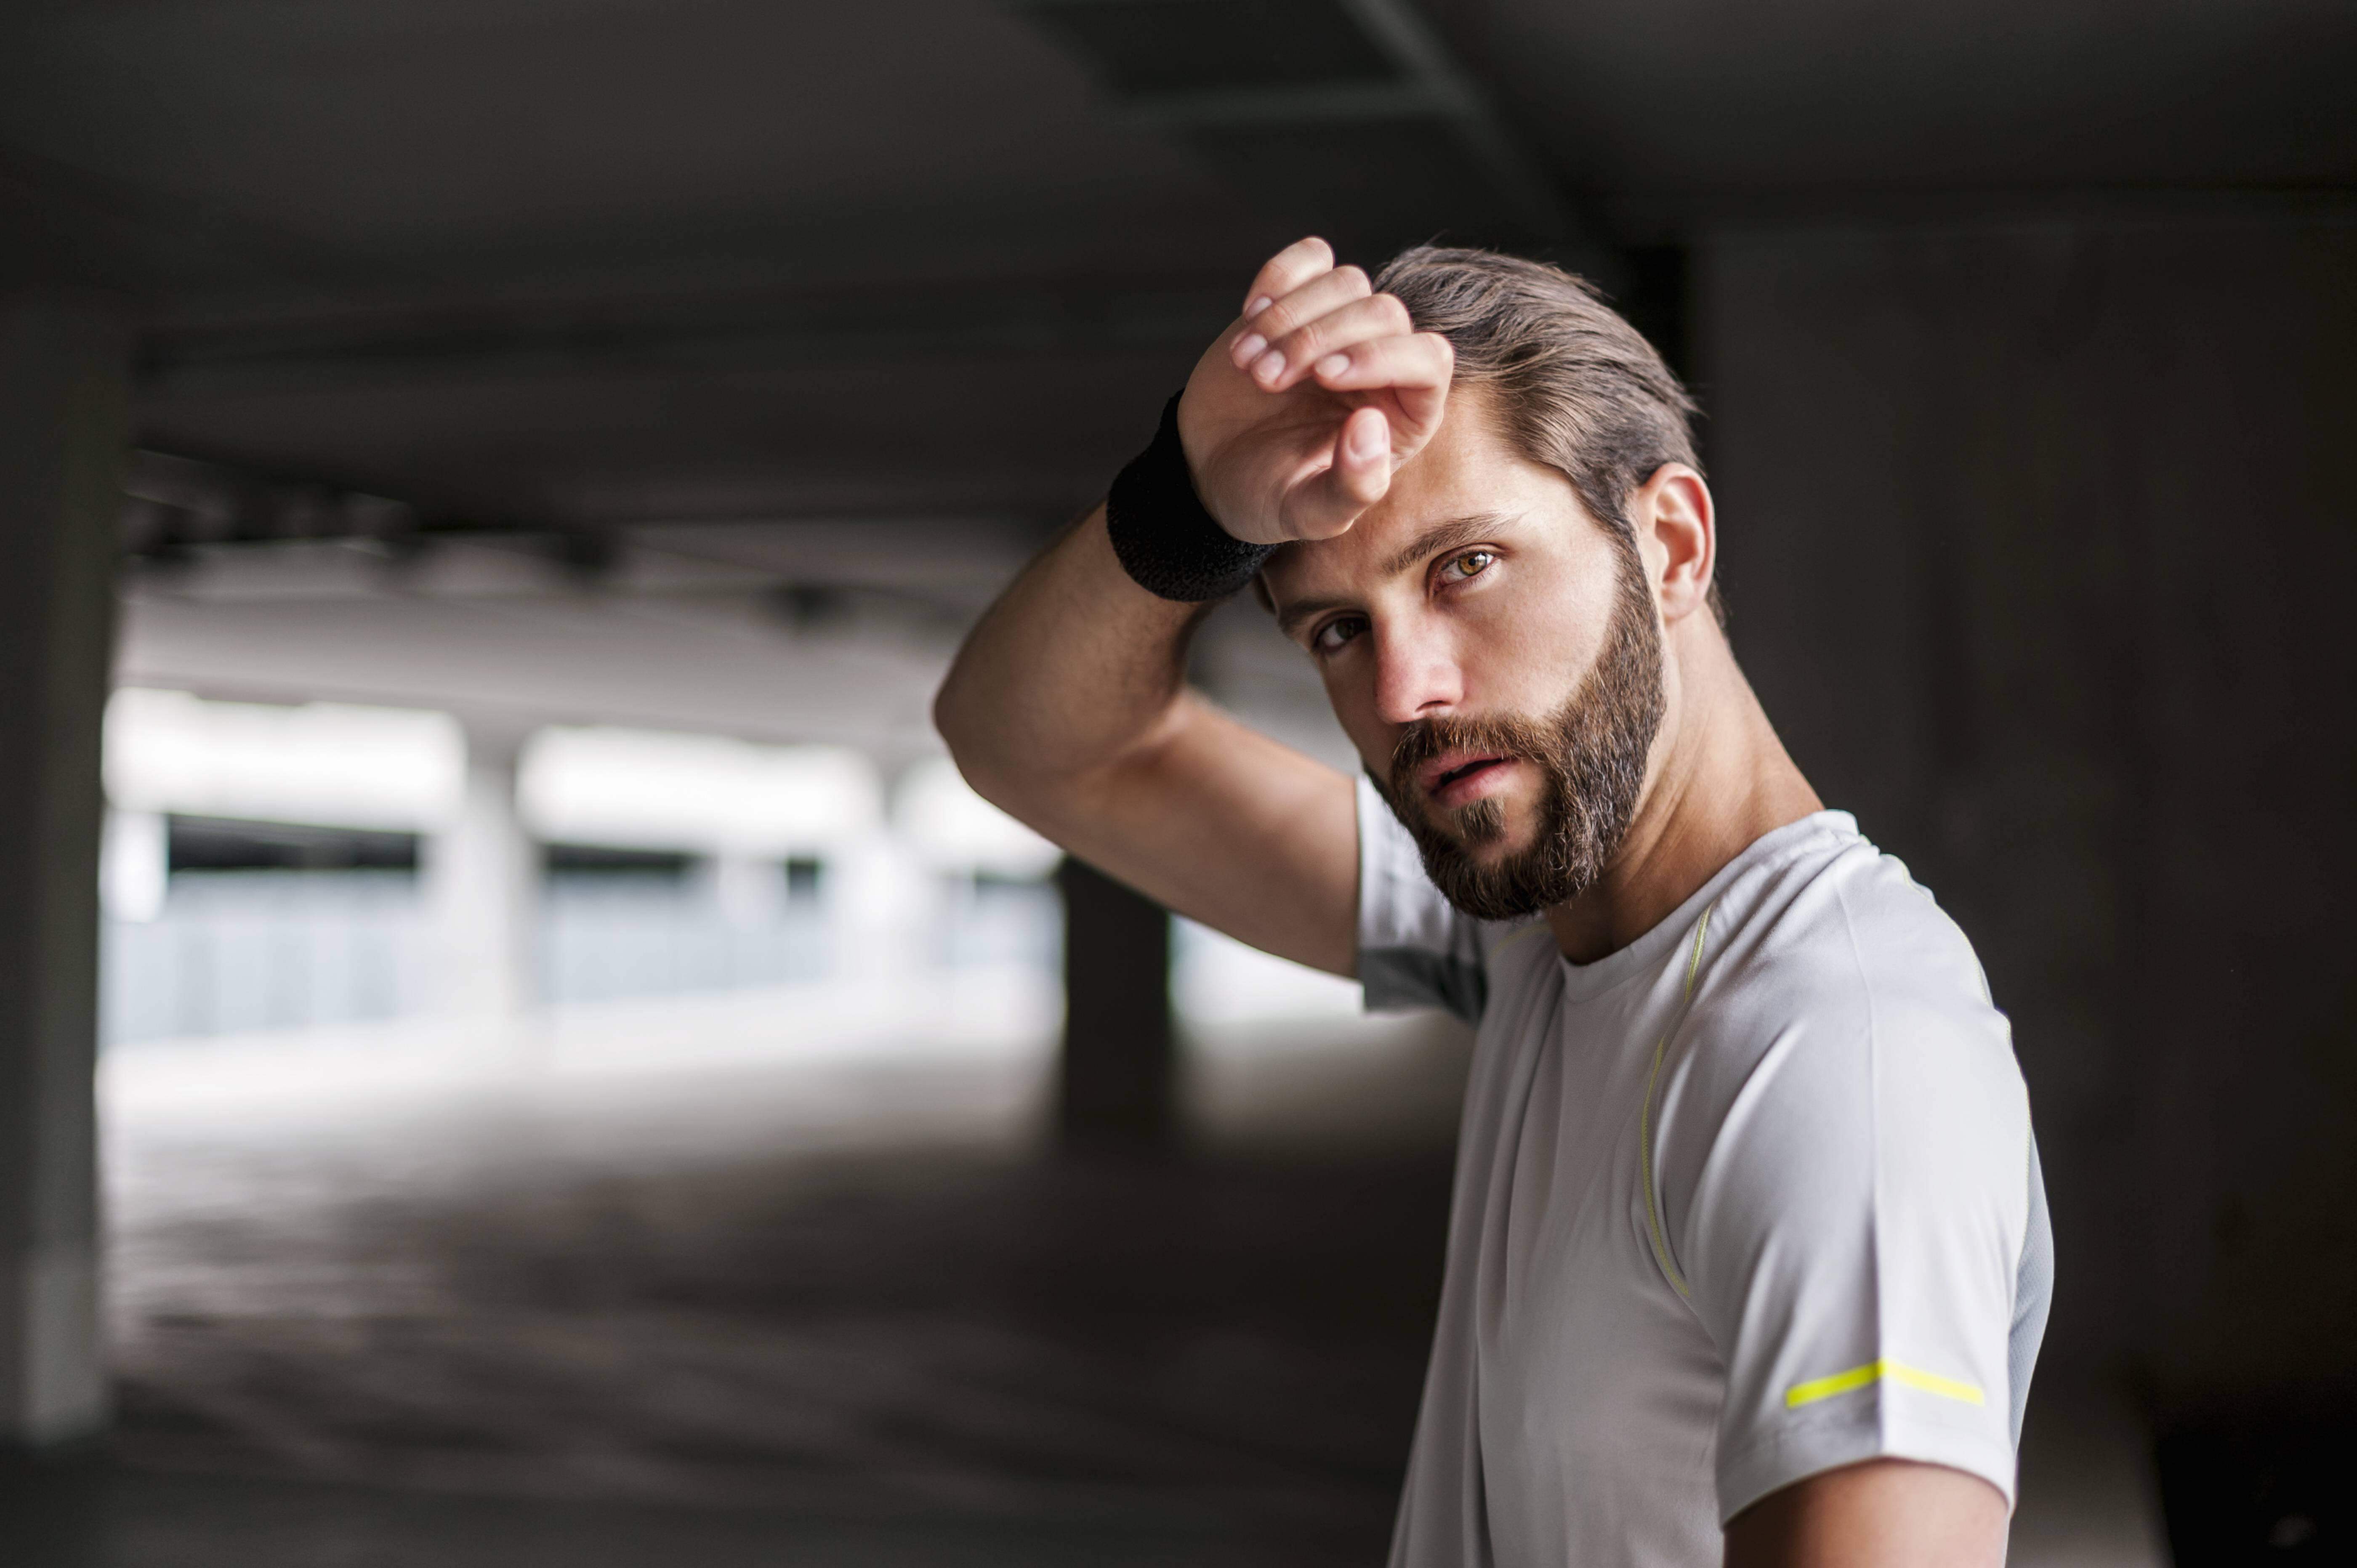 Frieren und Schwitzen ohne Fieber: Daran kann es liegen